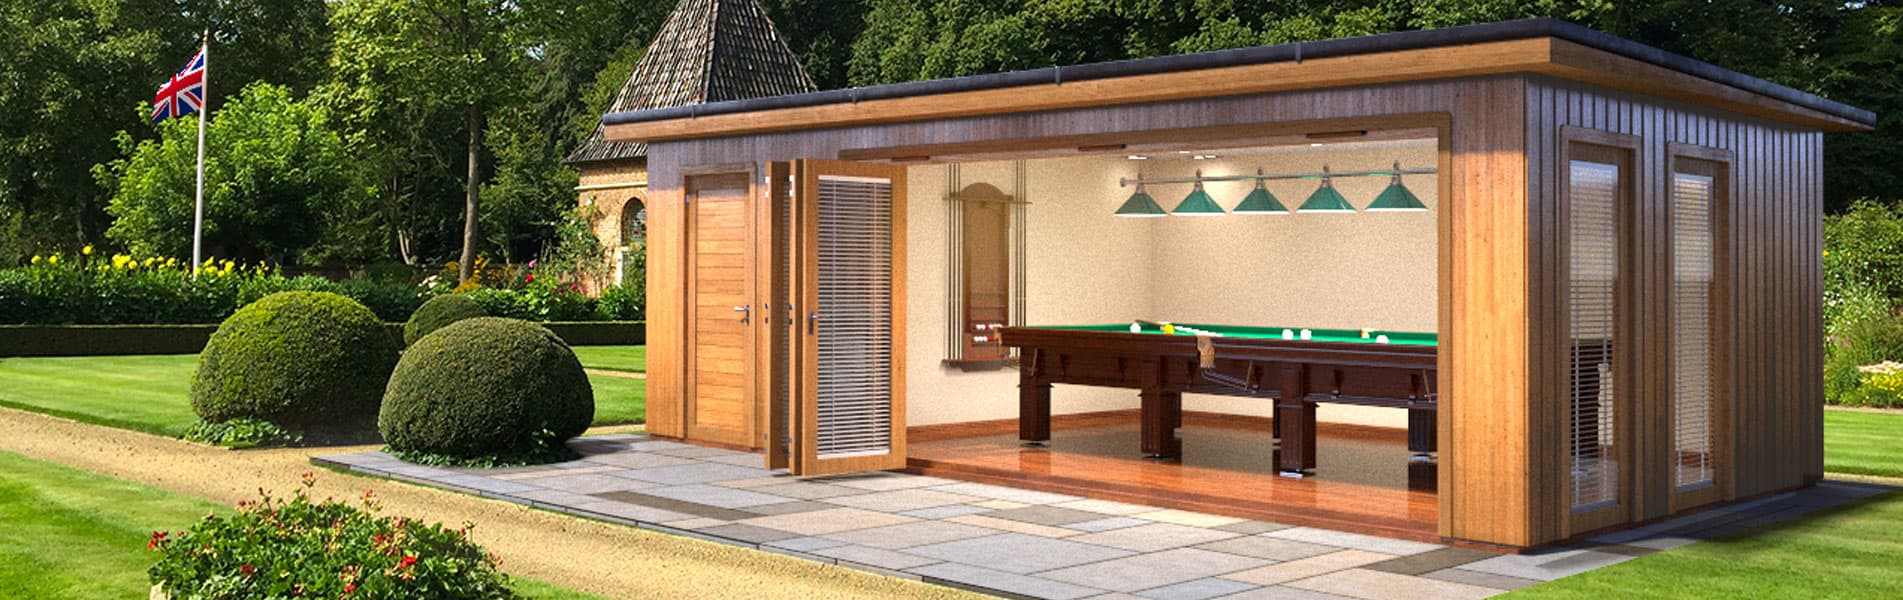 Luxury garden rooms wooden gazebos in berkshire crown for Garden rooms prices uk